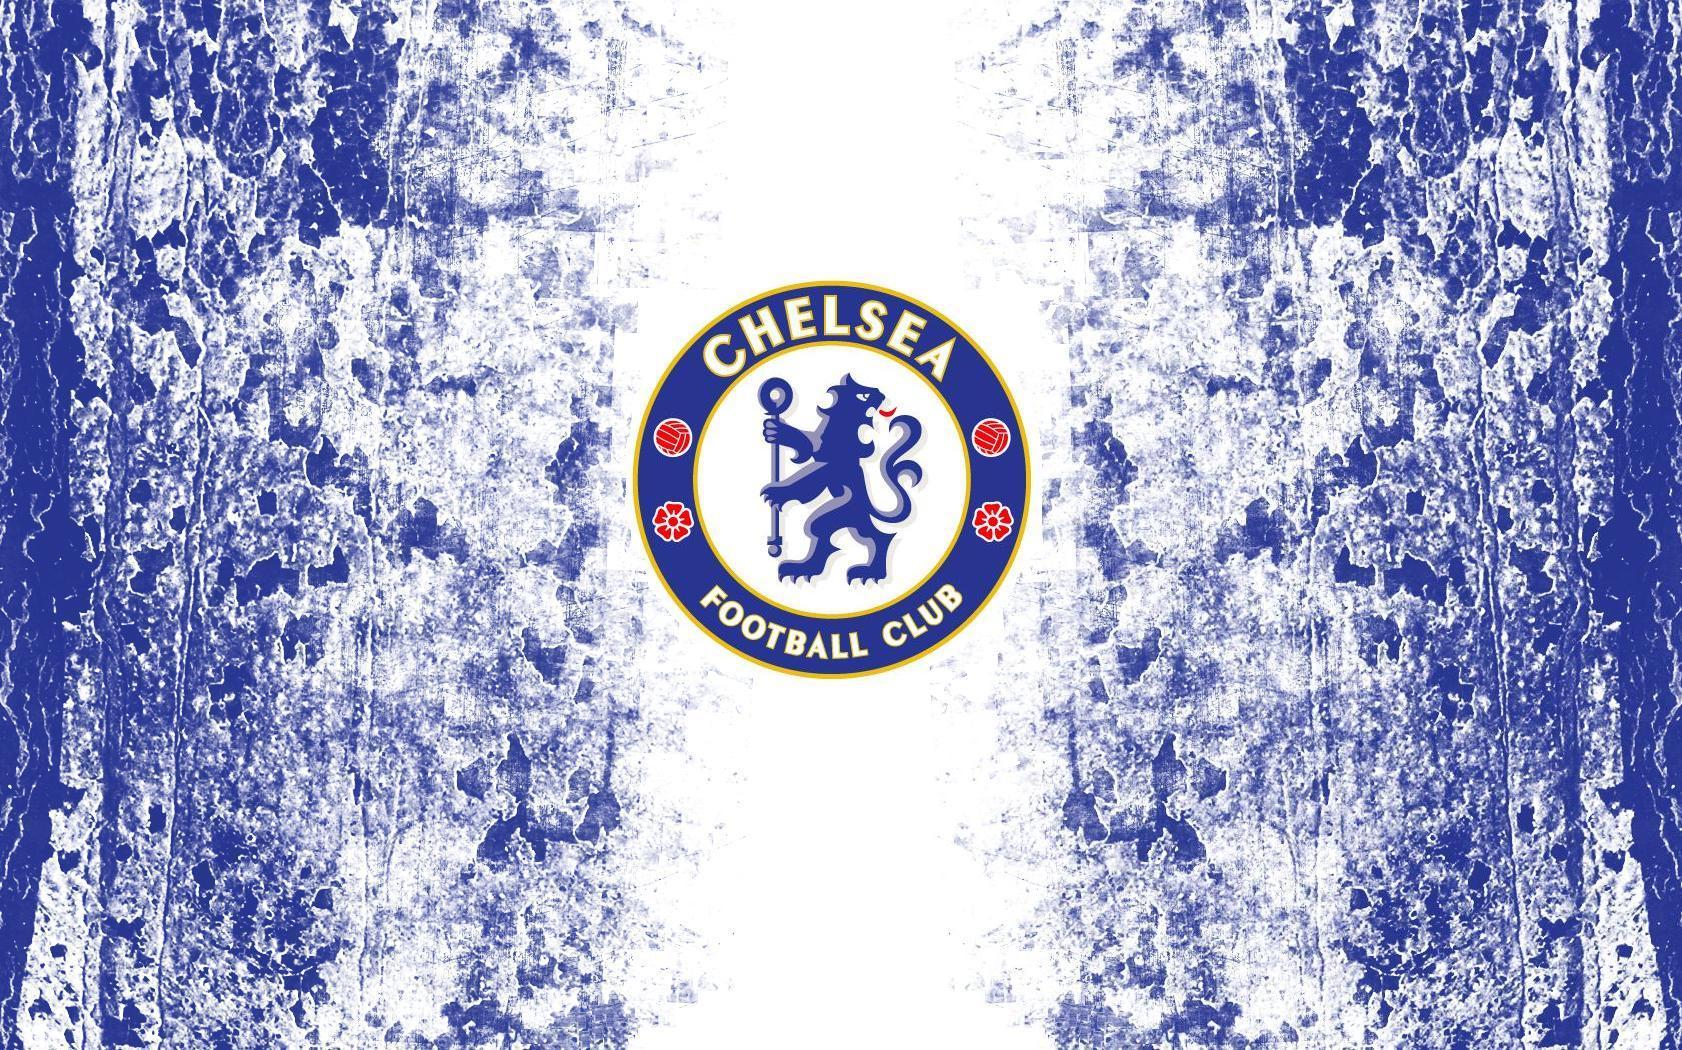 Chelsea wallpapers hd archives hd desktop wallpapers 4k hd - Chelsea wallpaper 4k ...